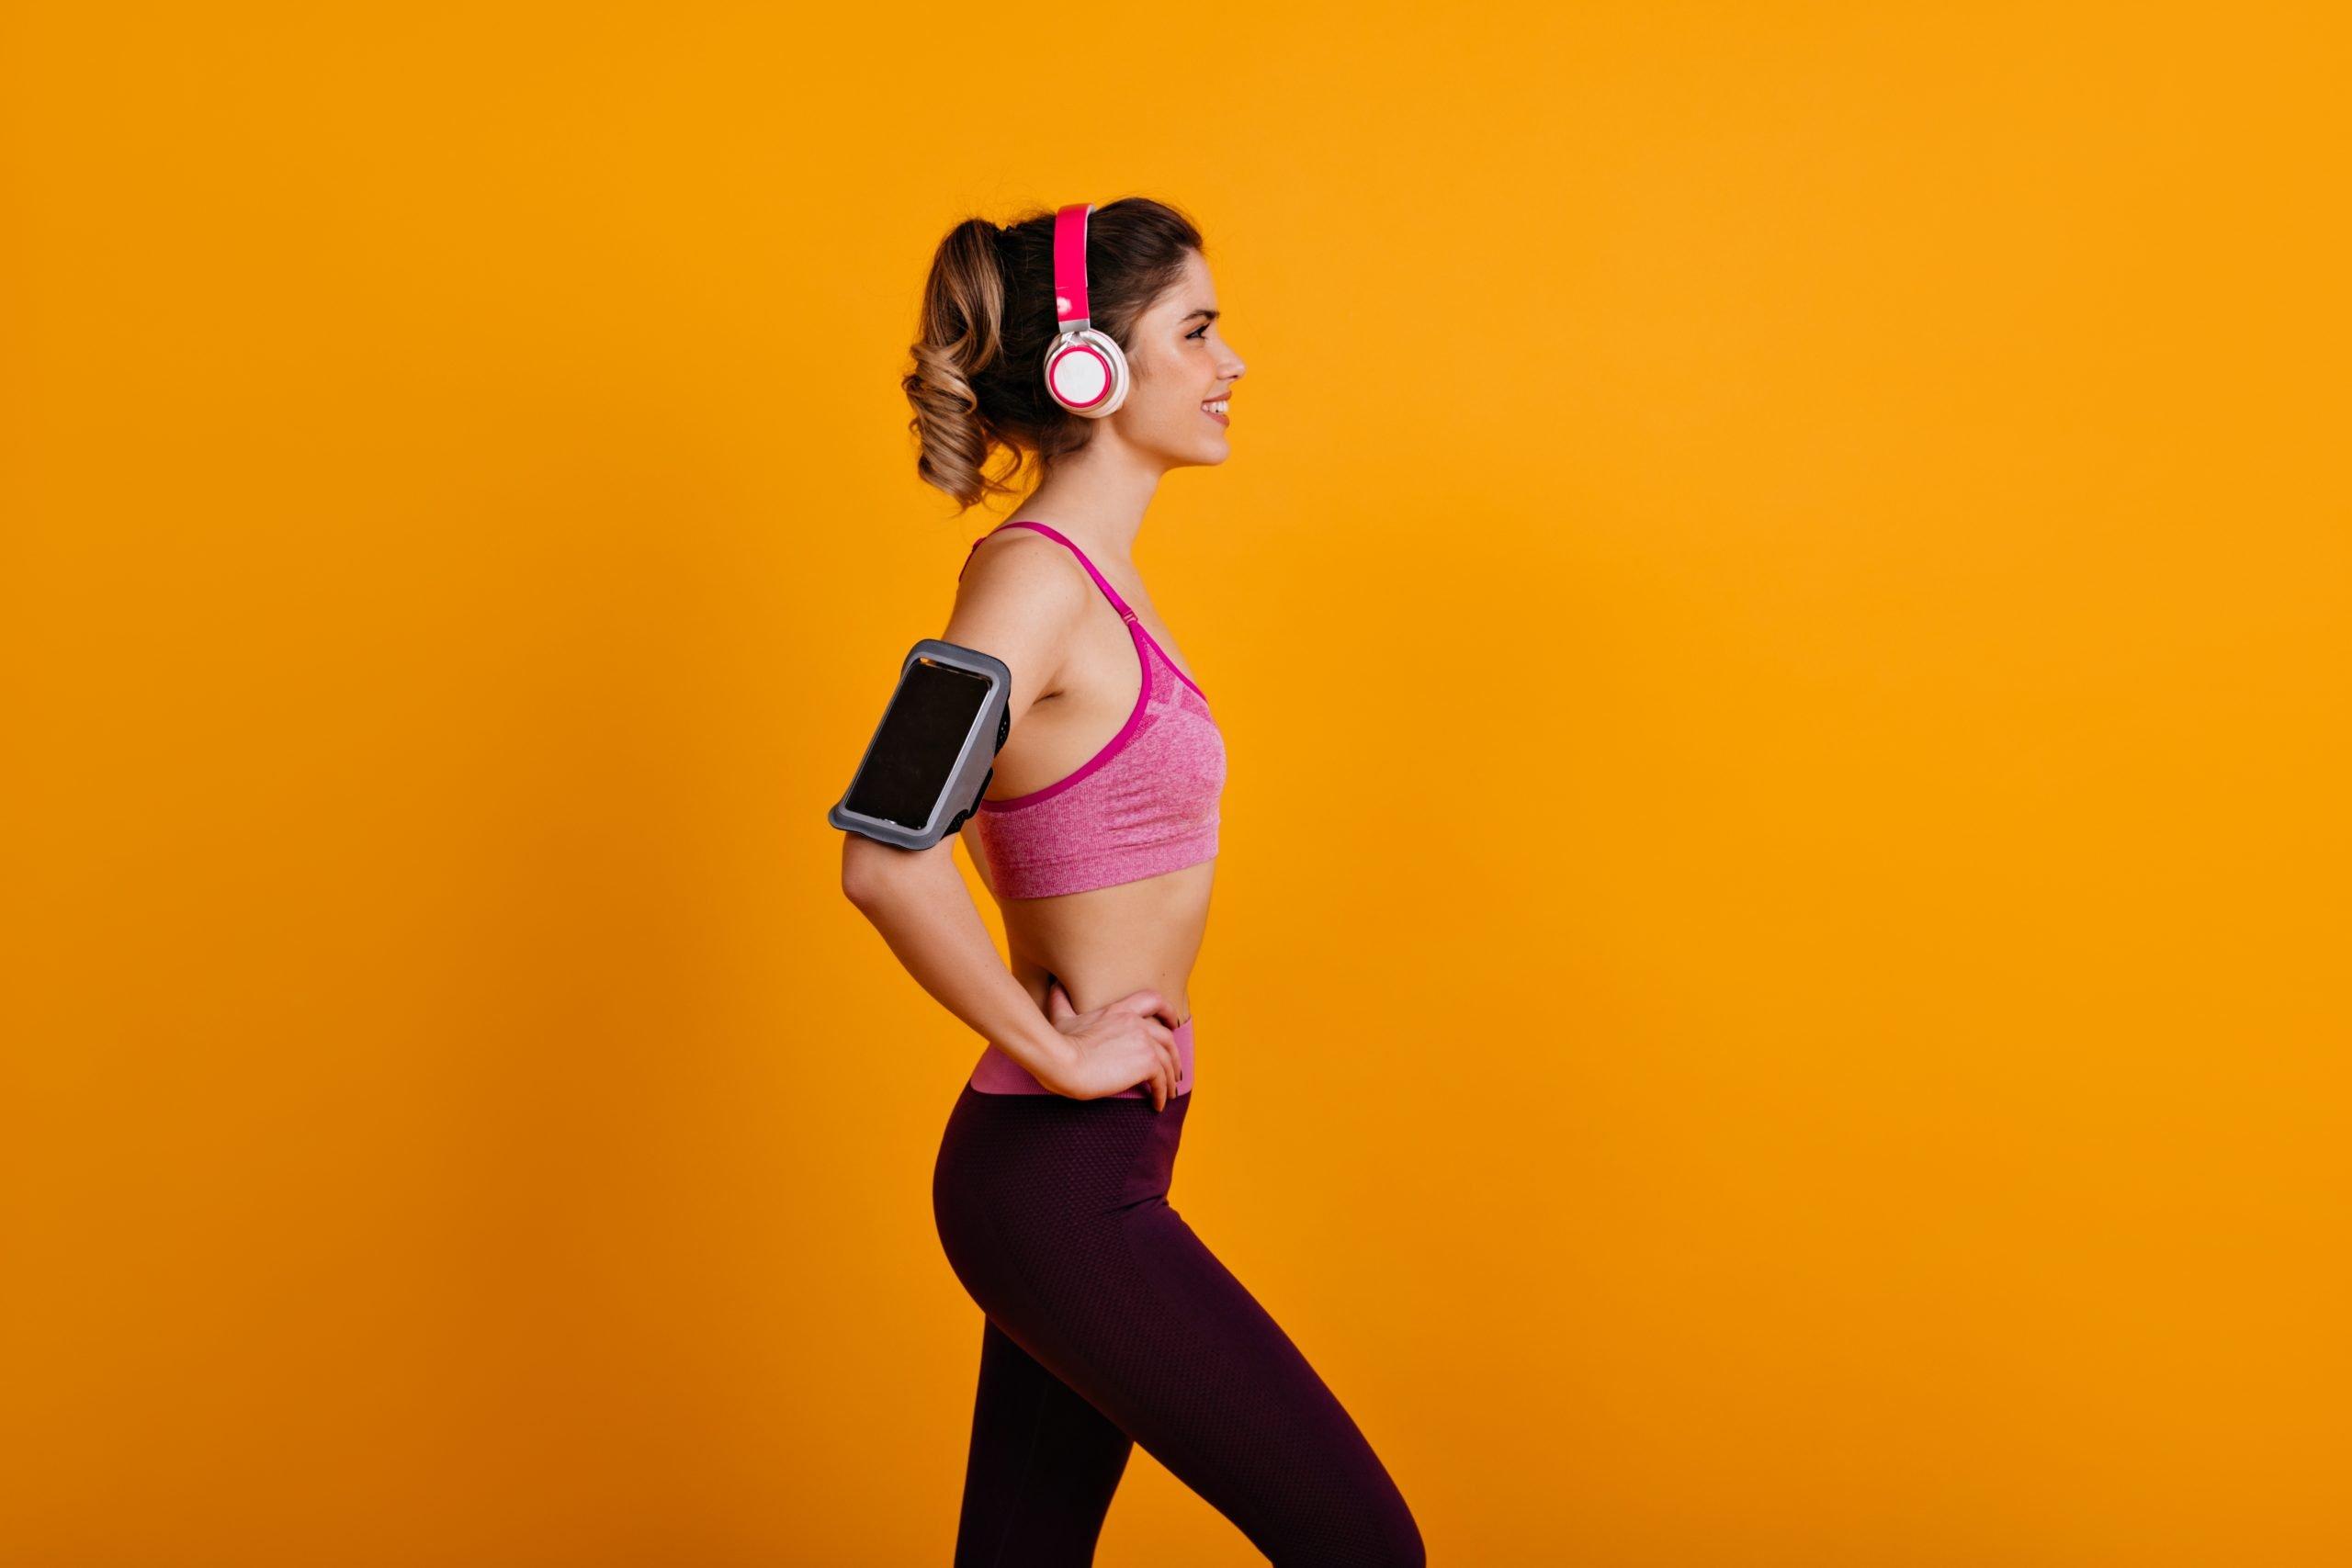 Shapely lady doing cardio. Portrait of fitness girl isolated on orange background.